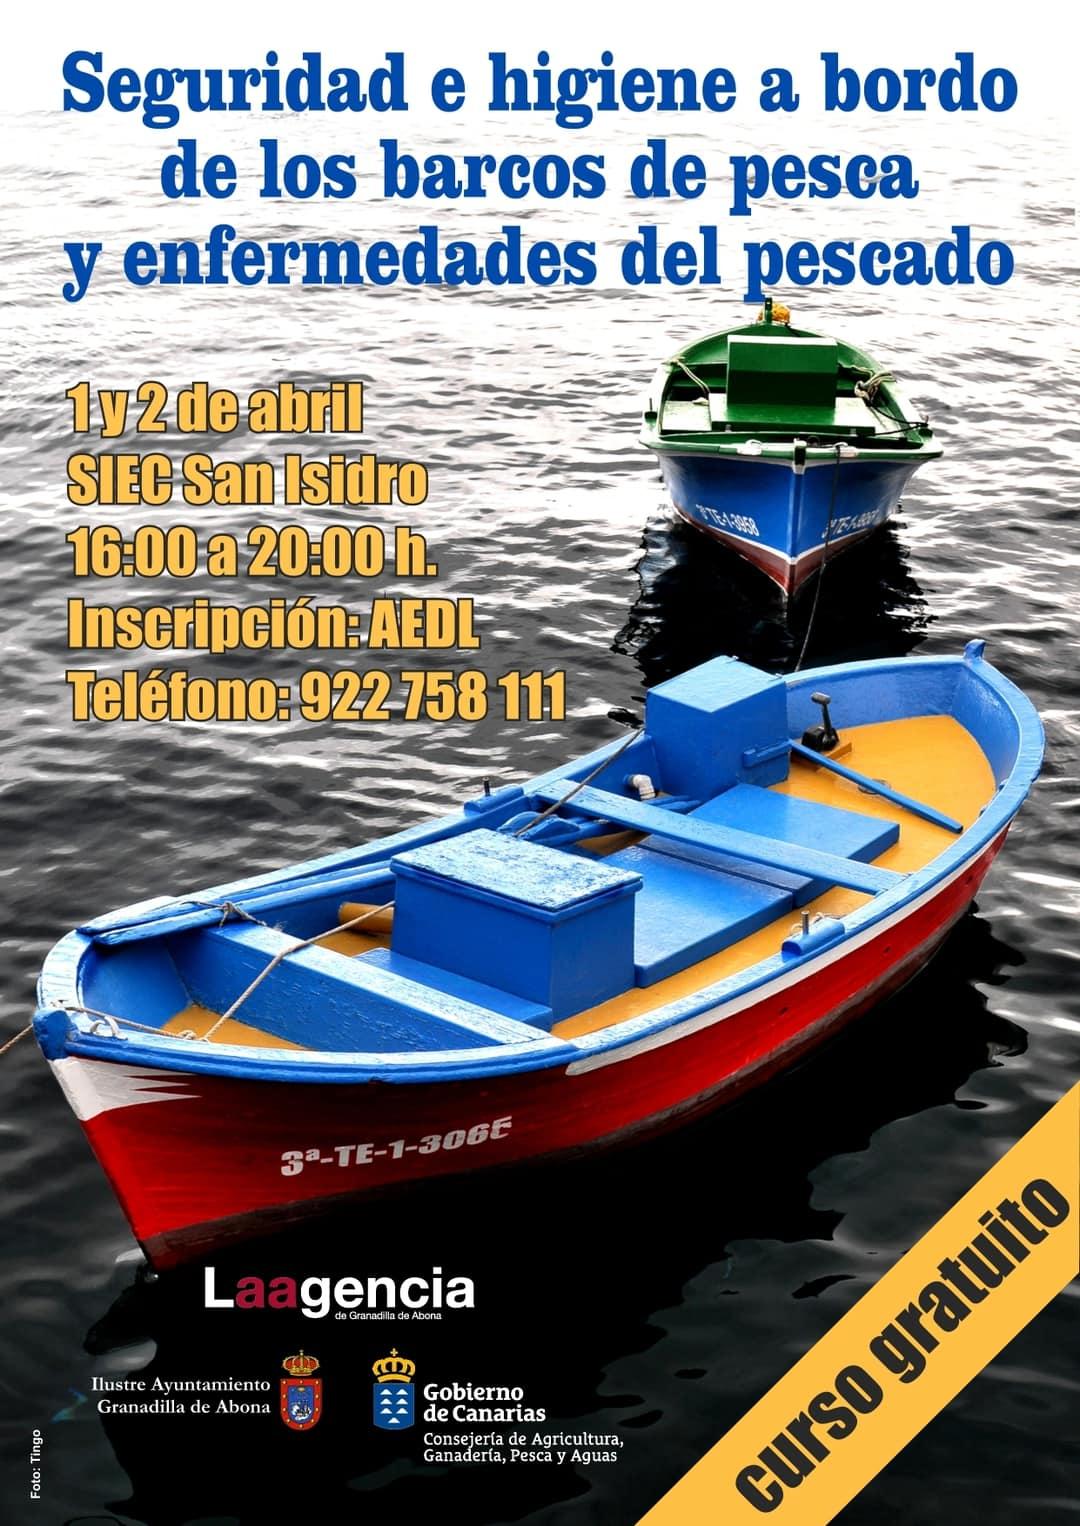 El curso gratuito 'Seguridad e higiene a bordo de los barcos de pesca y enfermedades del pescado', este lunes y martes en el SIEC